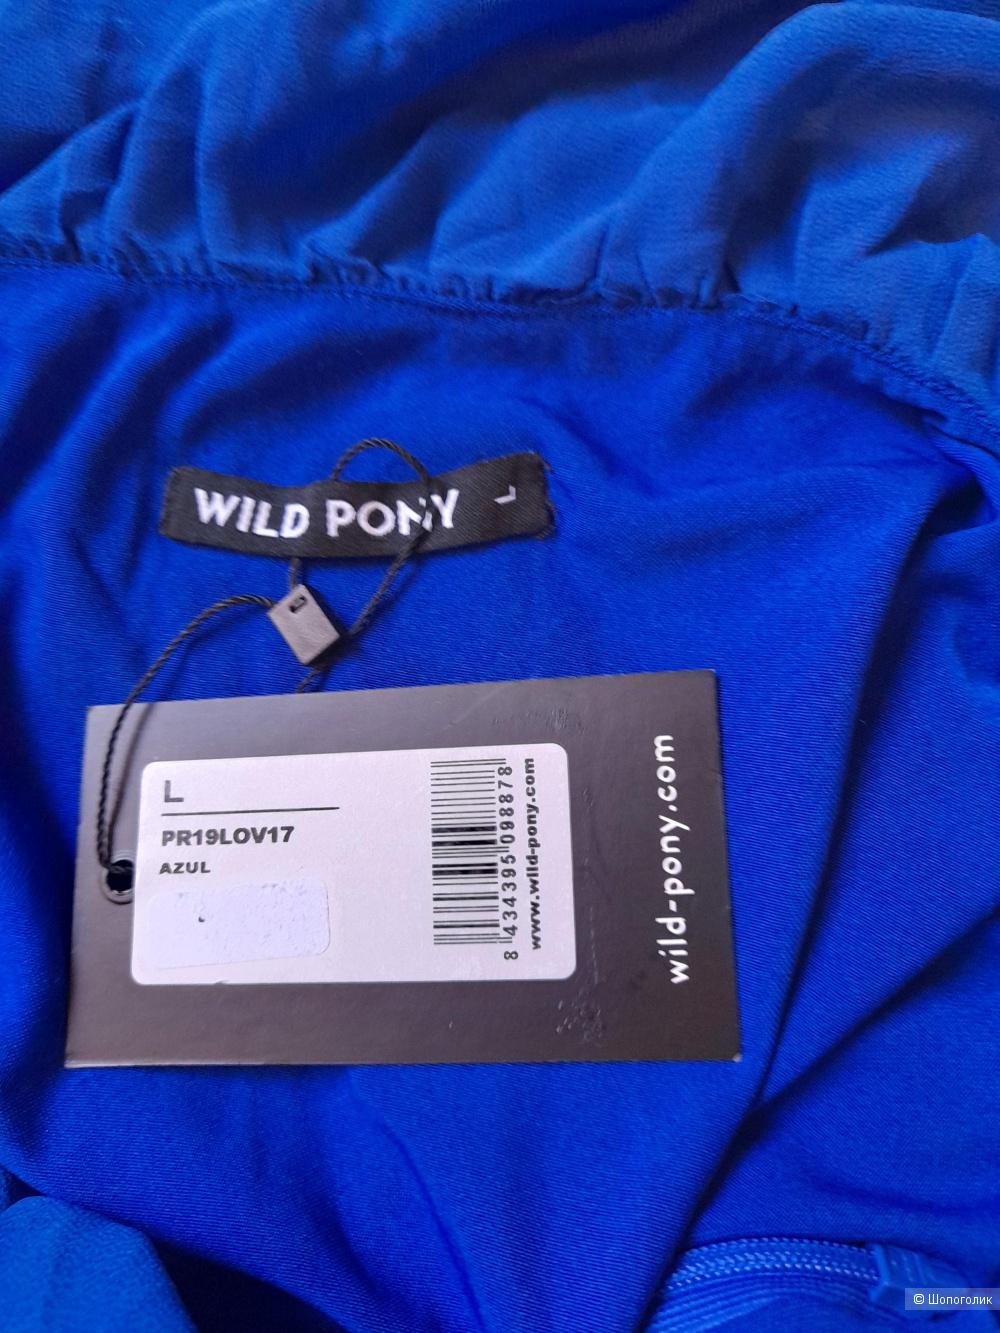 Длинное платье Wild pony, 48